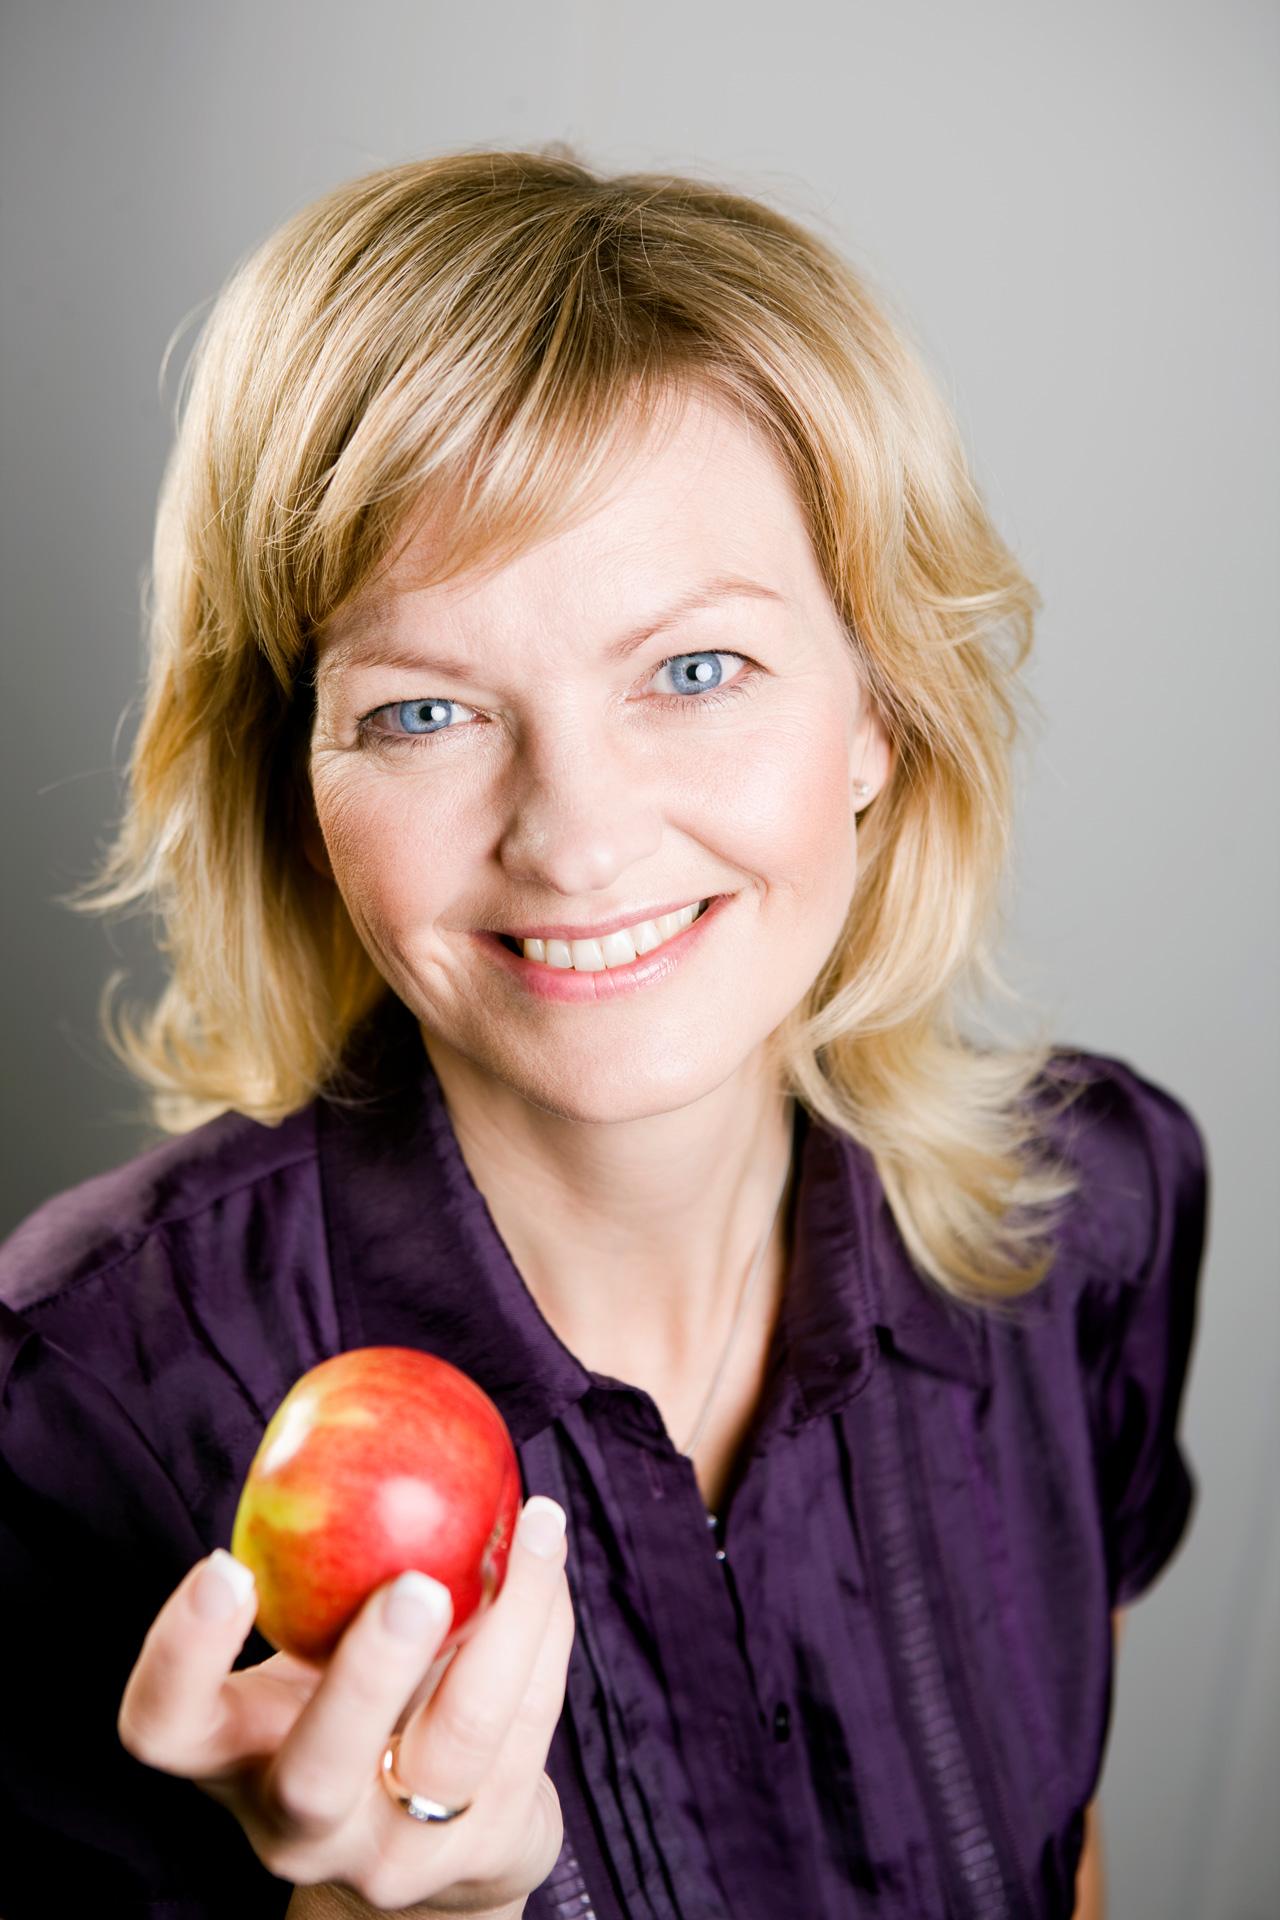 Eva Kjer Hansen, Portrætfotograf, Venstre, Fødevareminister